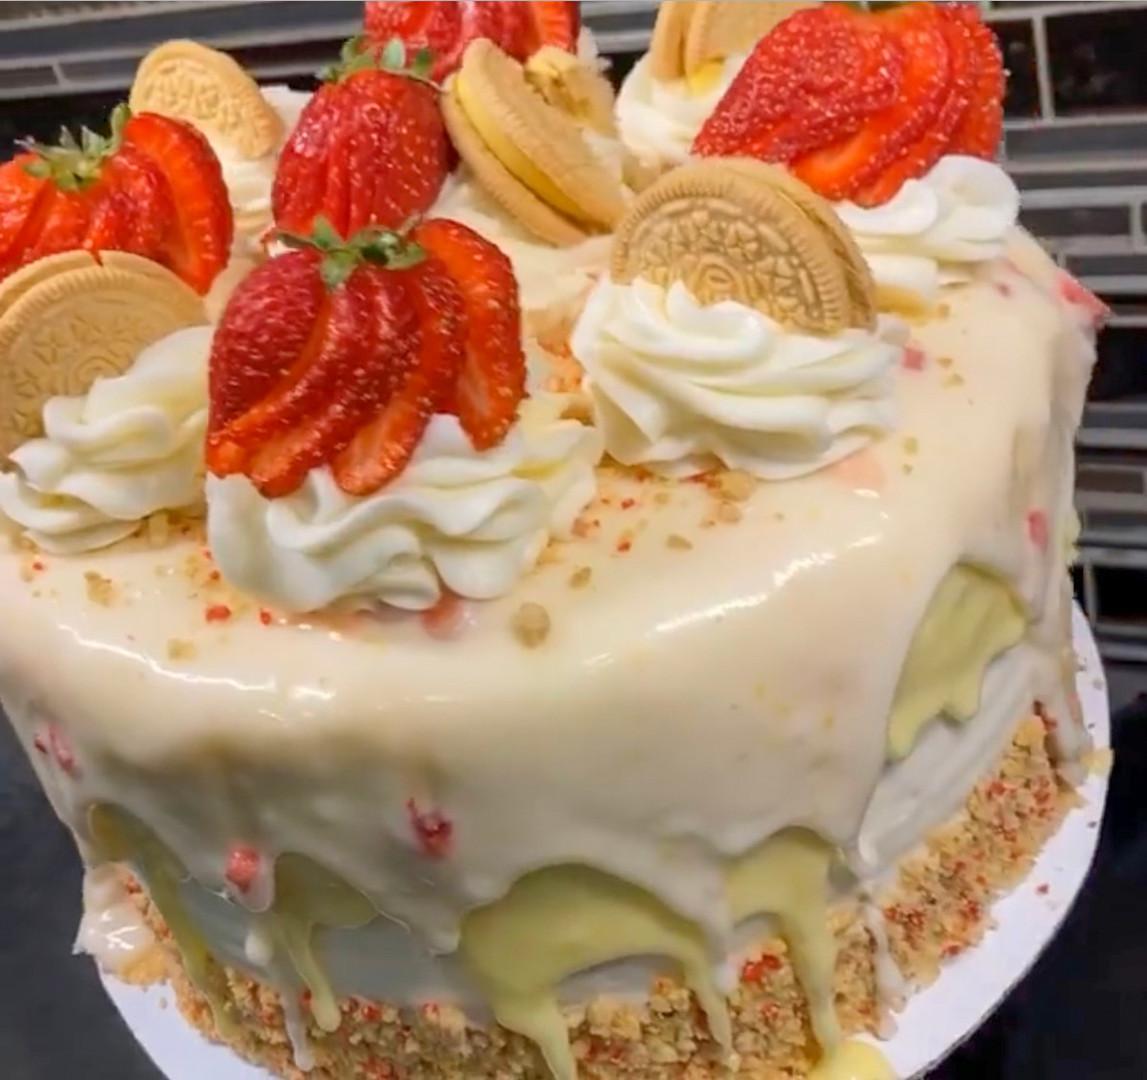 Strawberry Lemonade Drip Cake